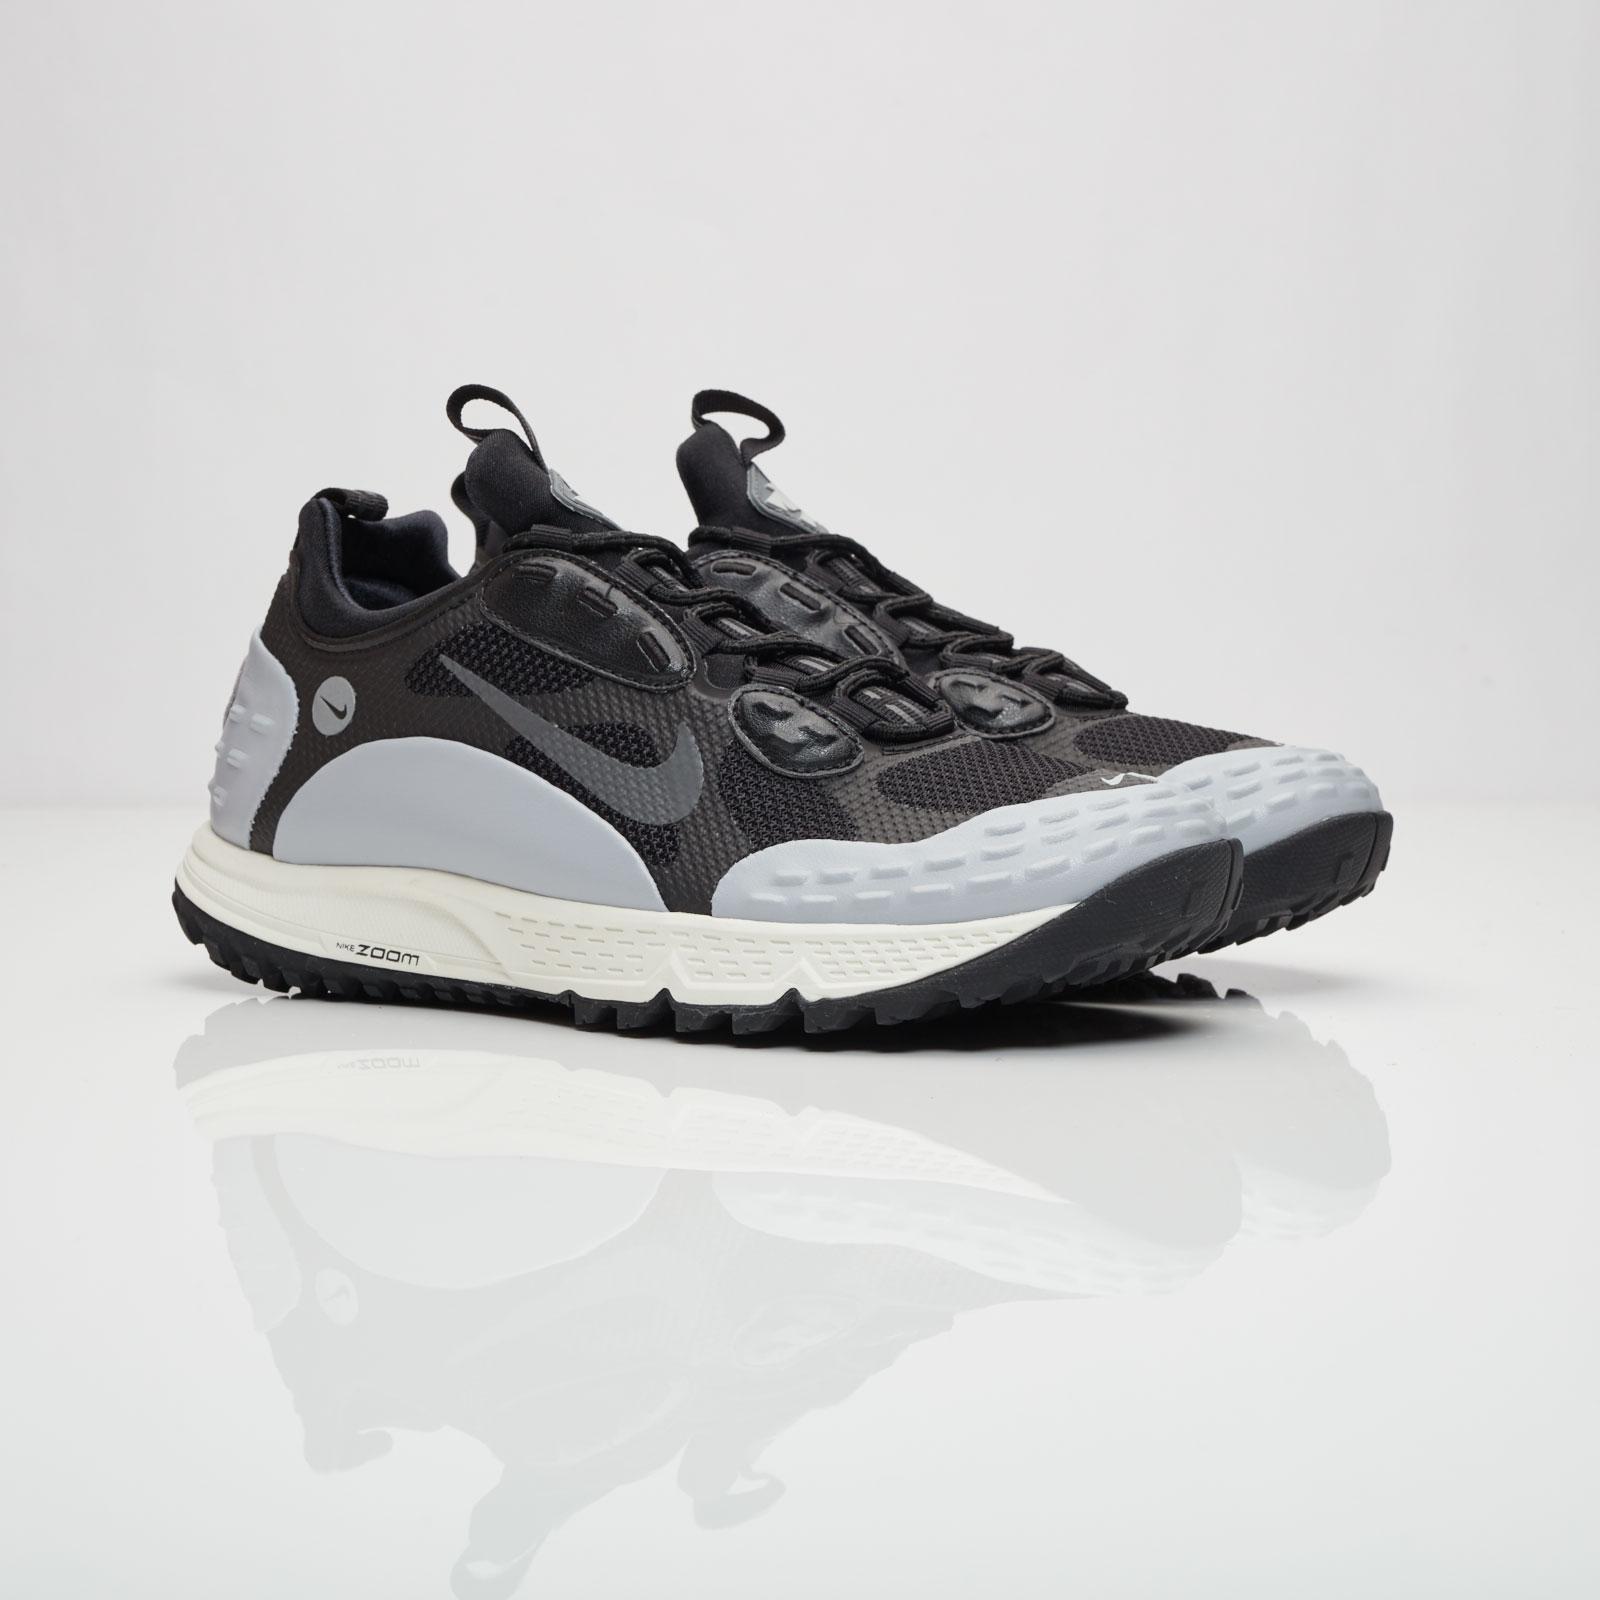 Nike Air Zoom Albis 16 - 904334-001